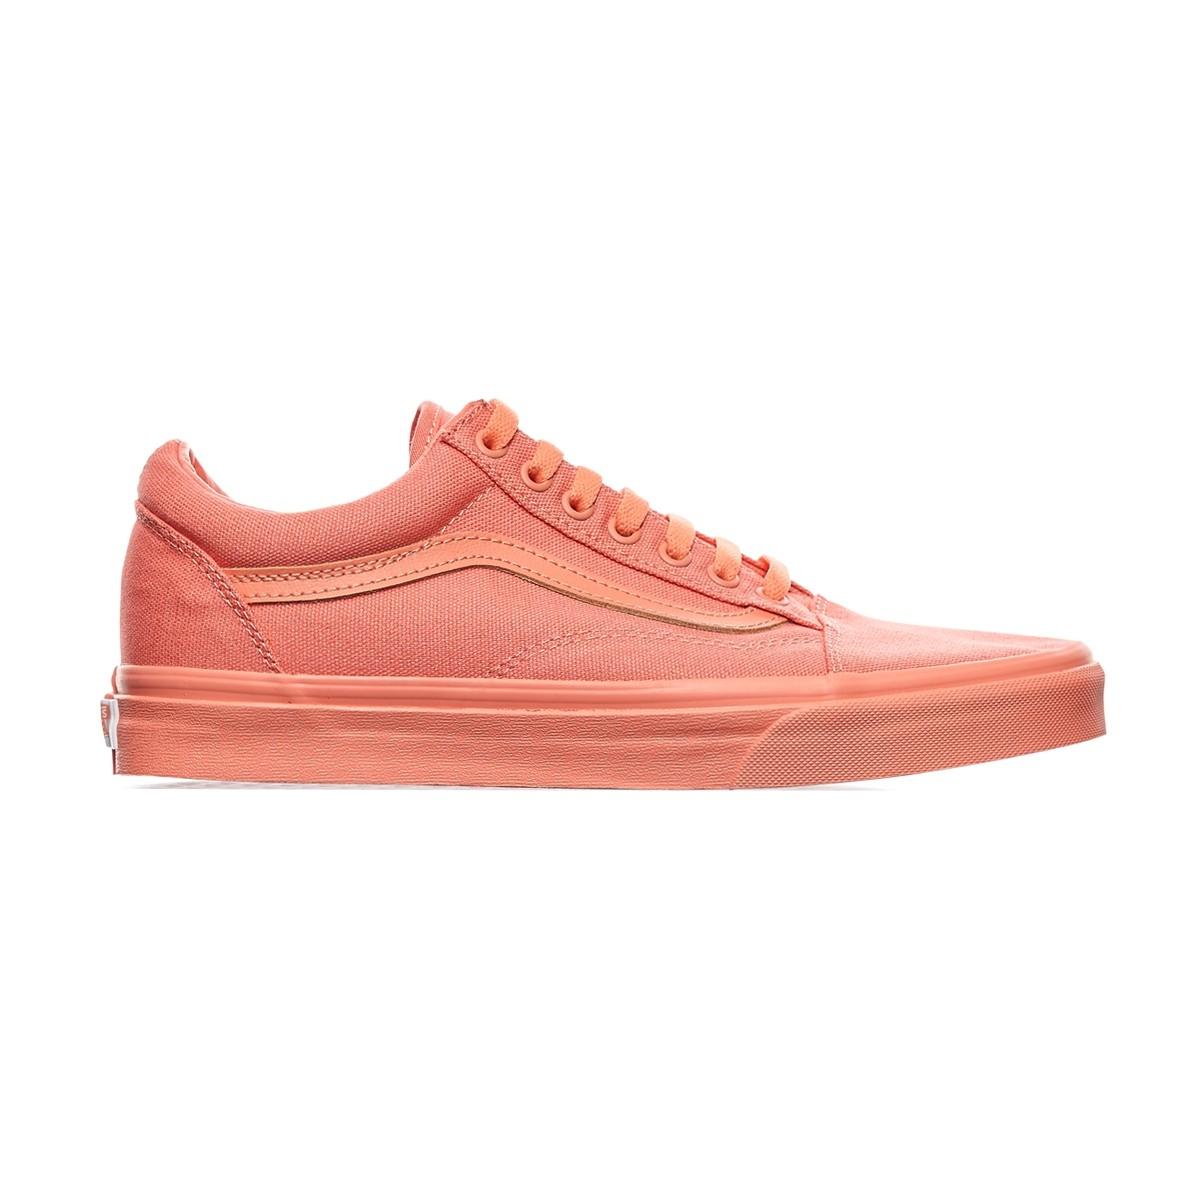 vans old skool monochrome pack sneakers in pink lyst. Black Bedroom Furniture Sets. Home Design Ideas